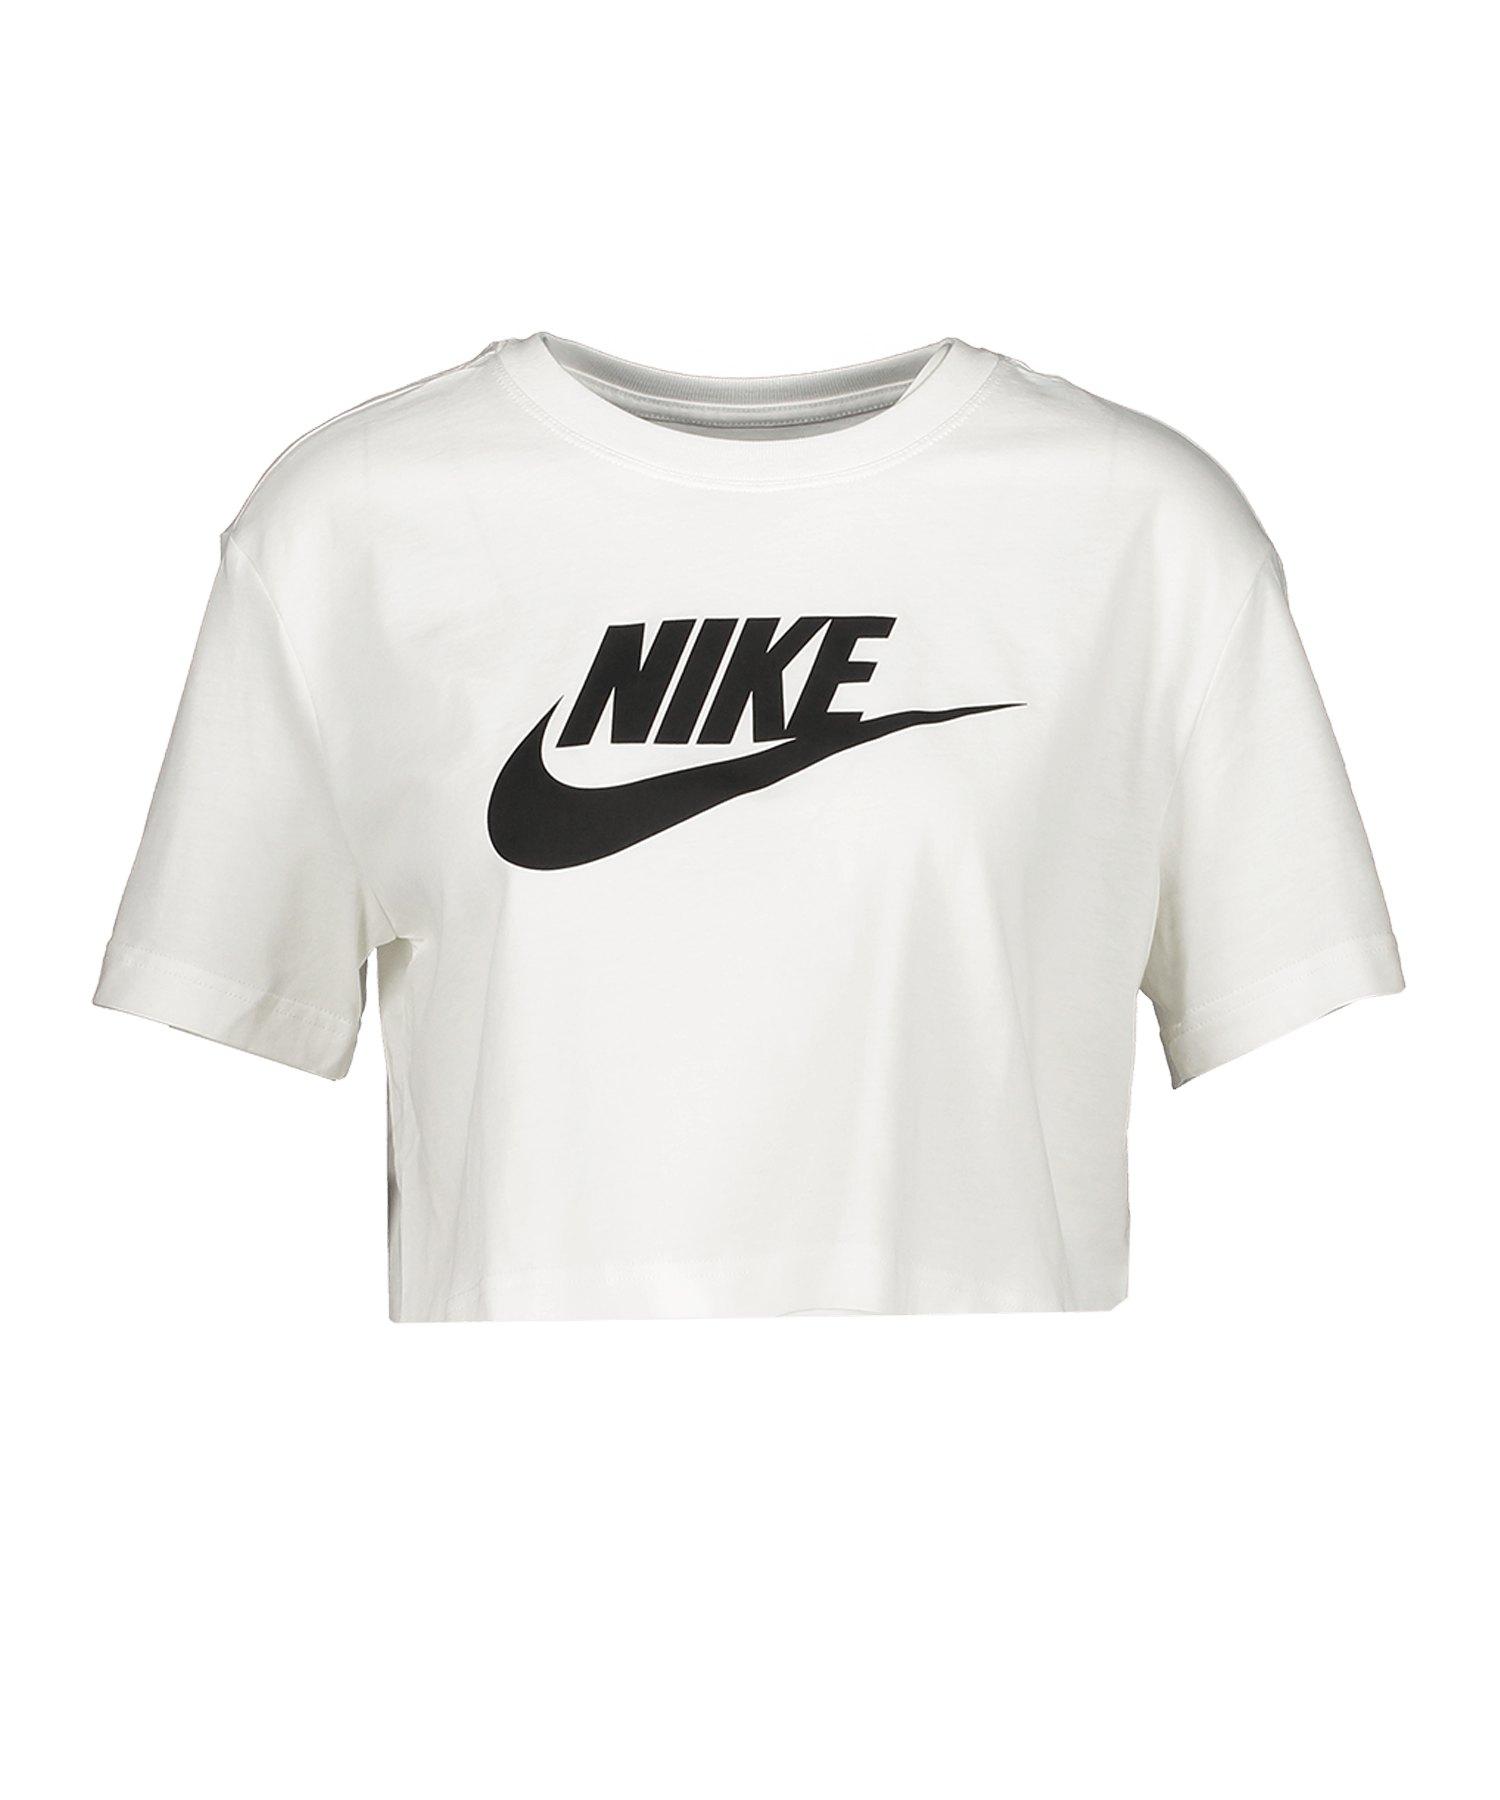 Nike Essential Croped T-Shirt Damen Weiss F100 - weiss